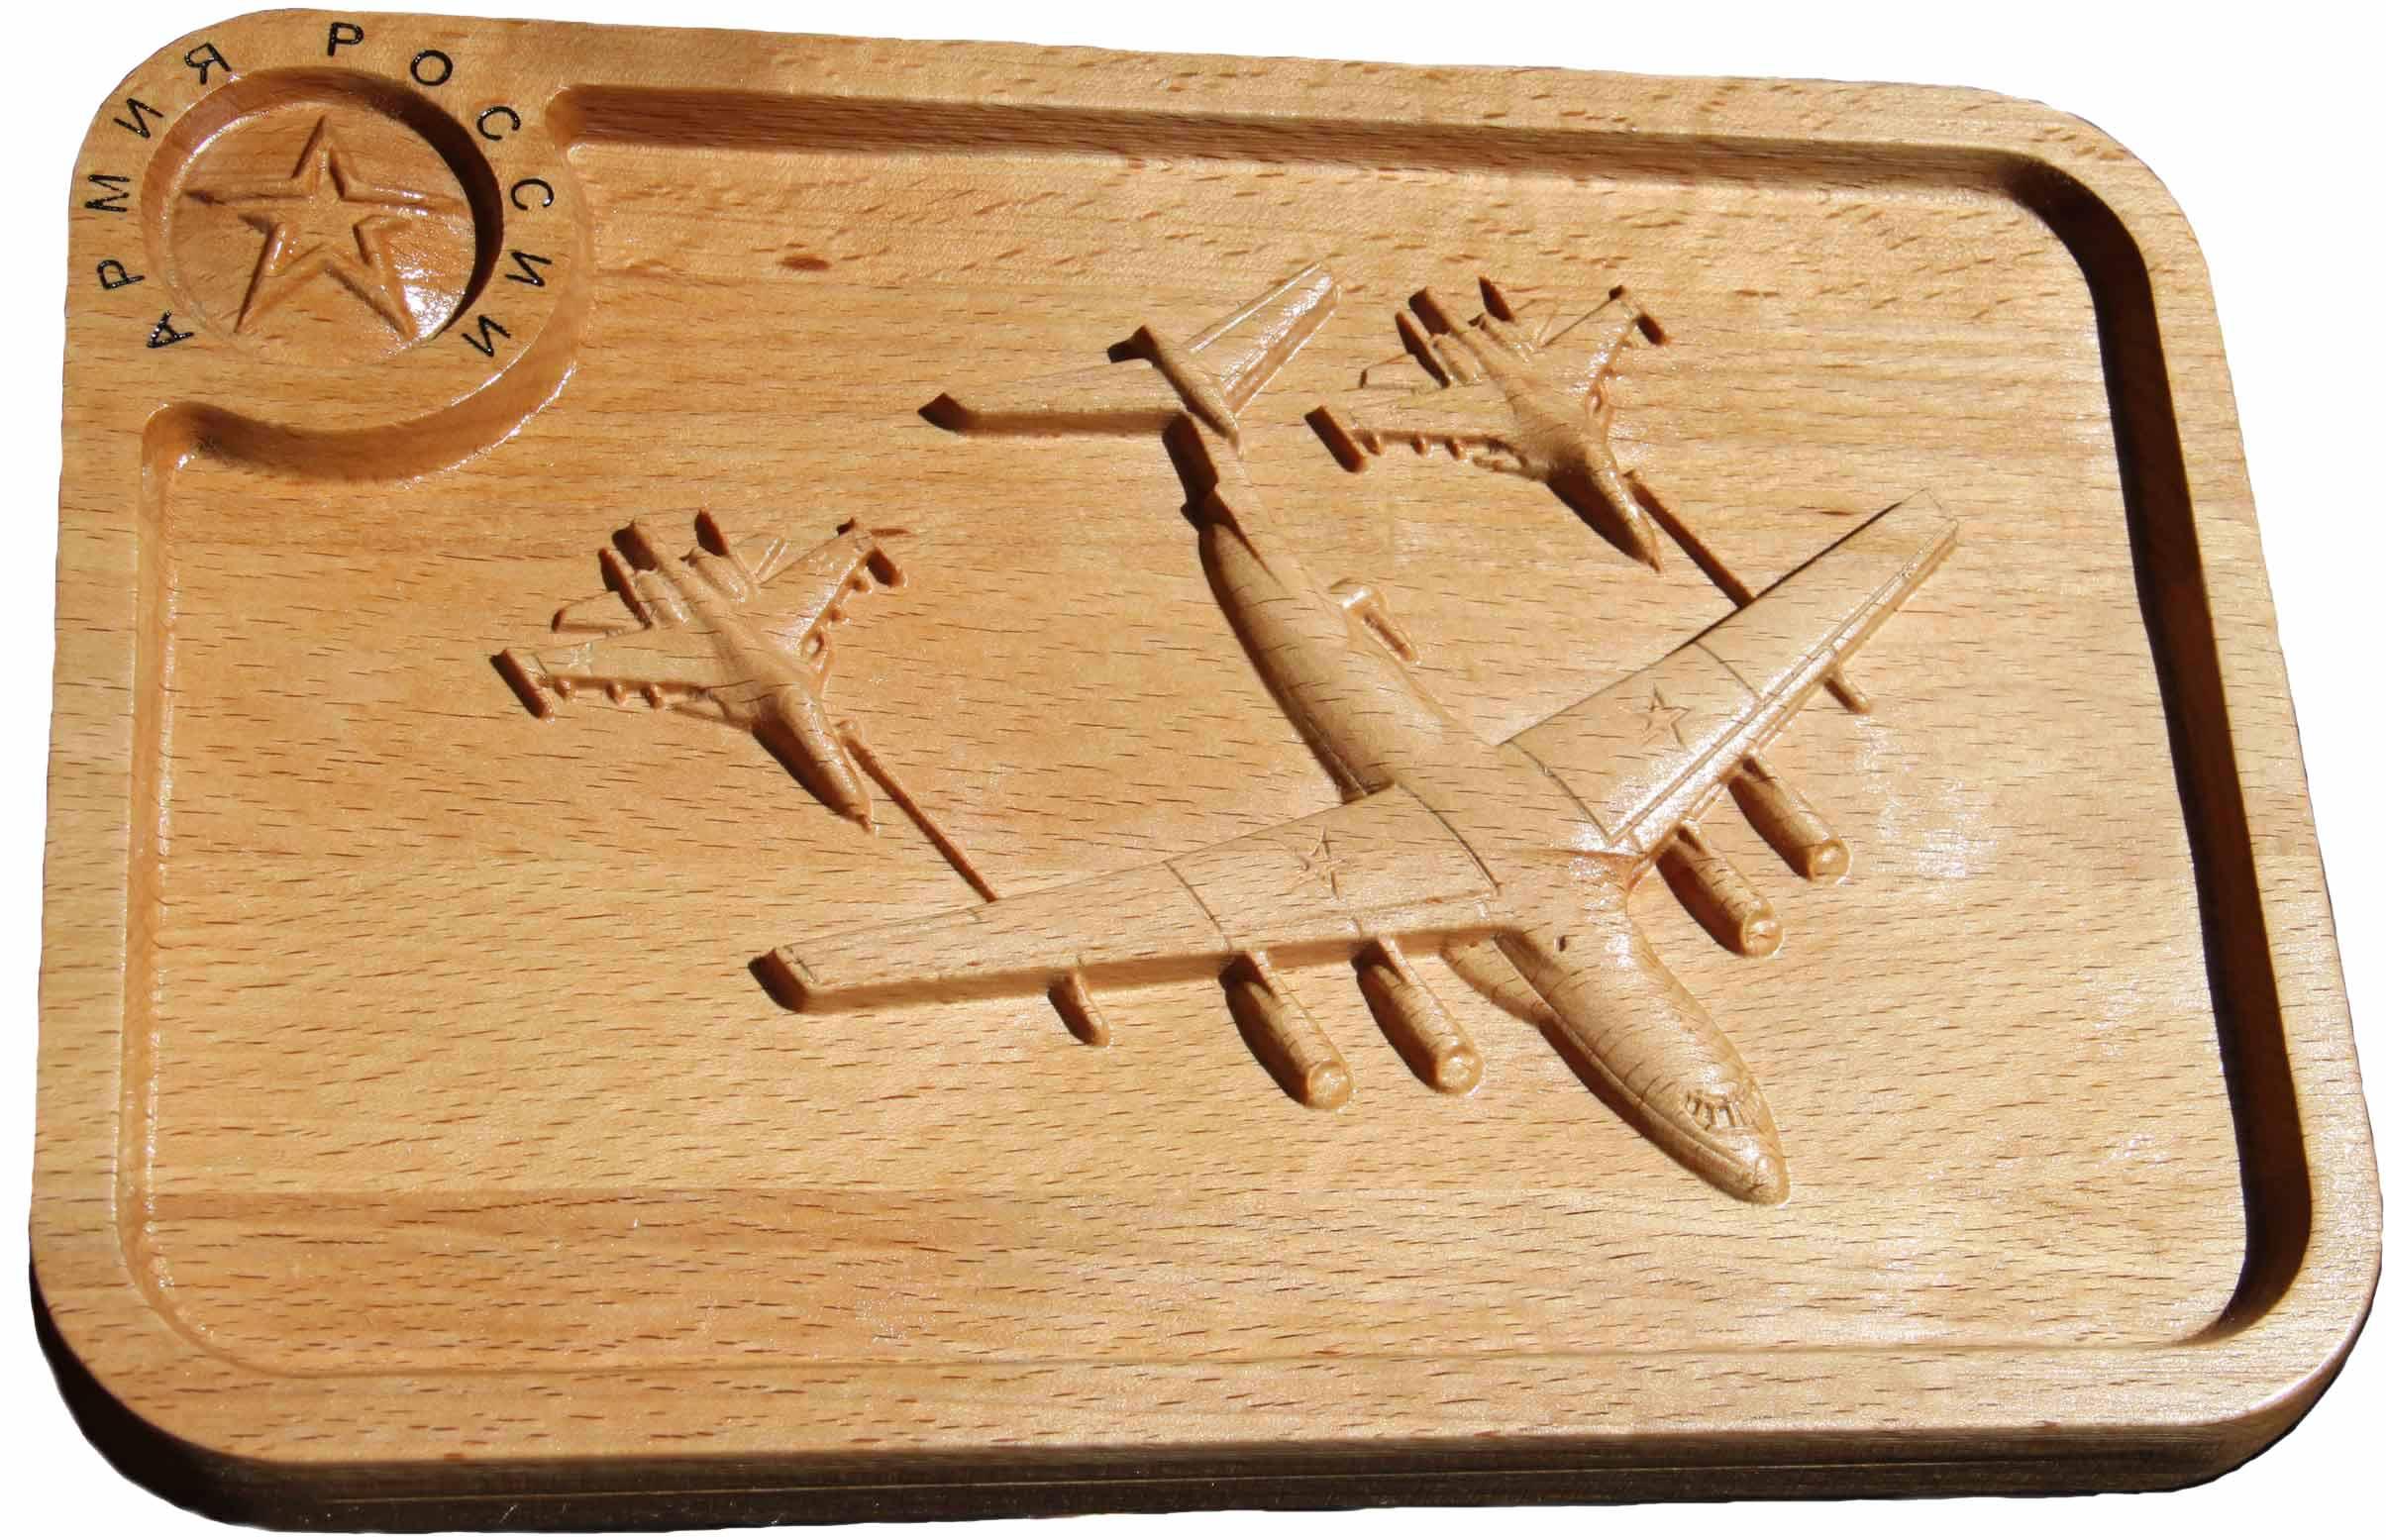 КБ Рукоделки: подарки из дерева, изделия из дерева на заказ Изготовление рельефного панно